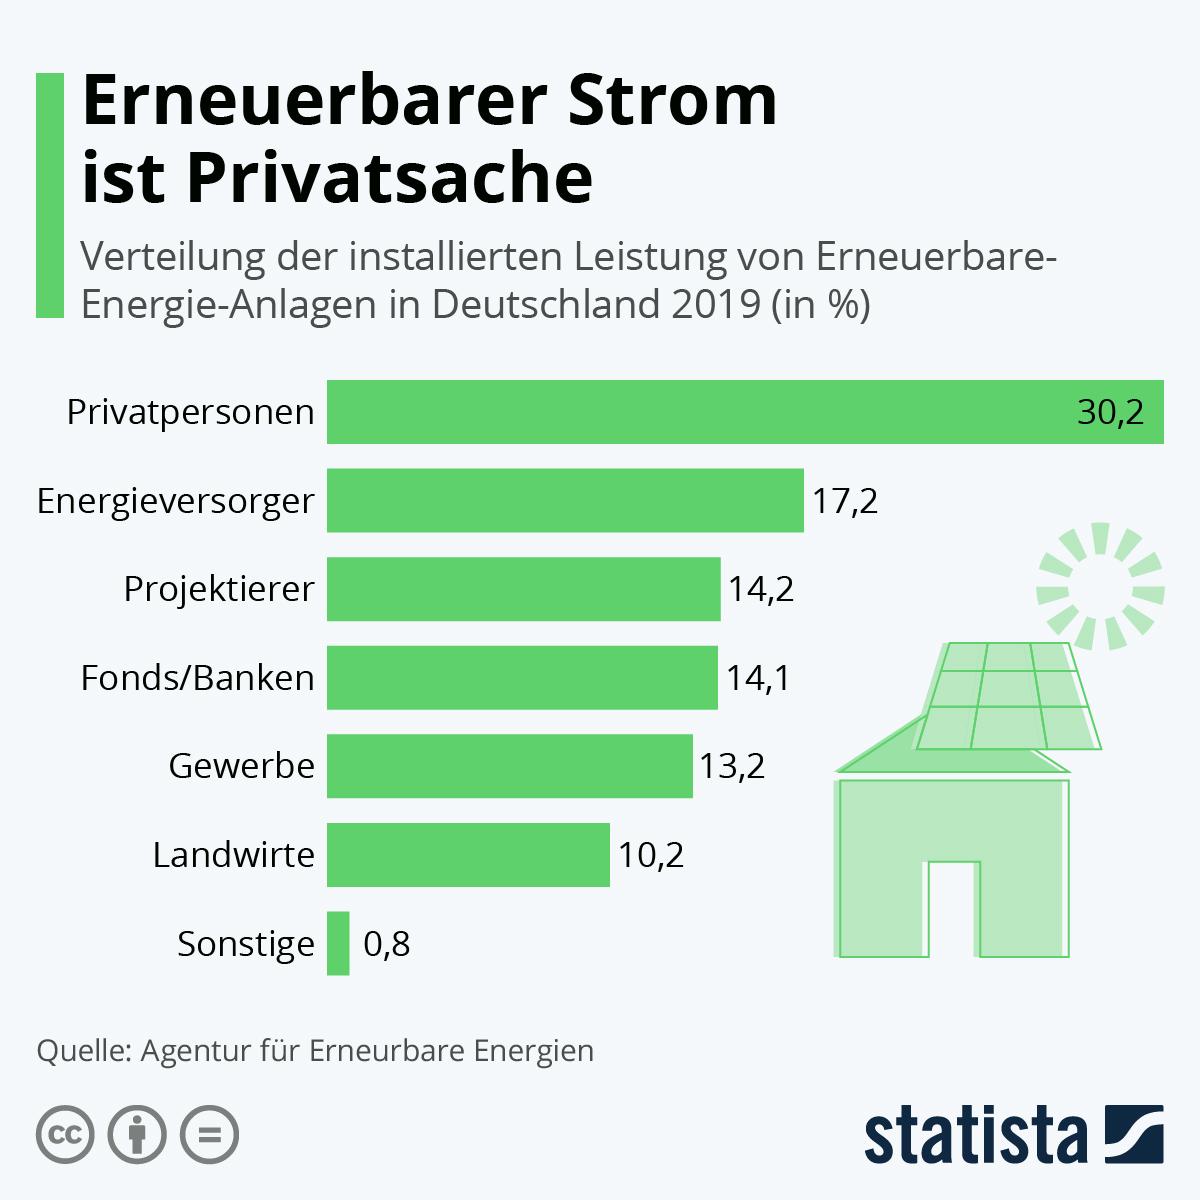 Erneuerbarer Strom ist Privatsache | Statista